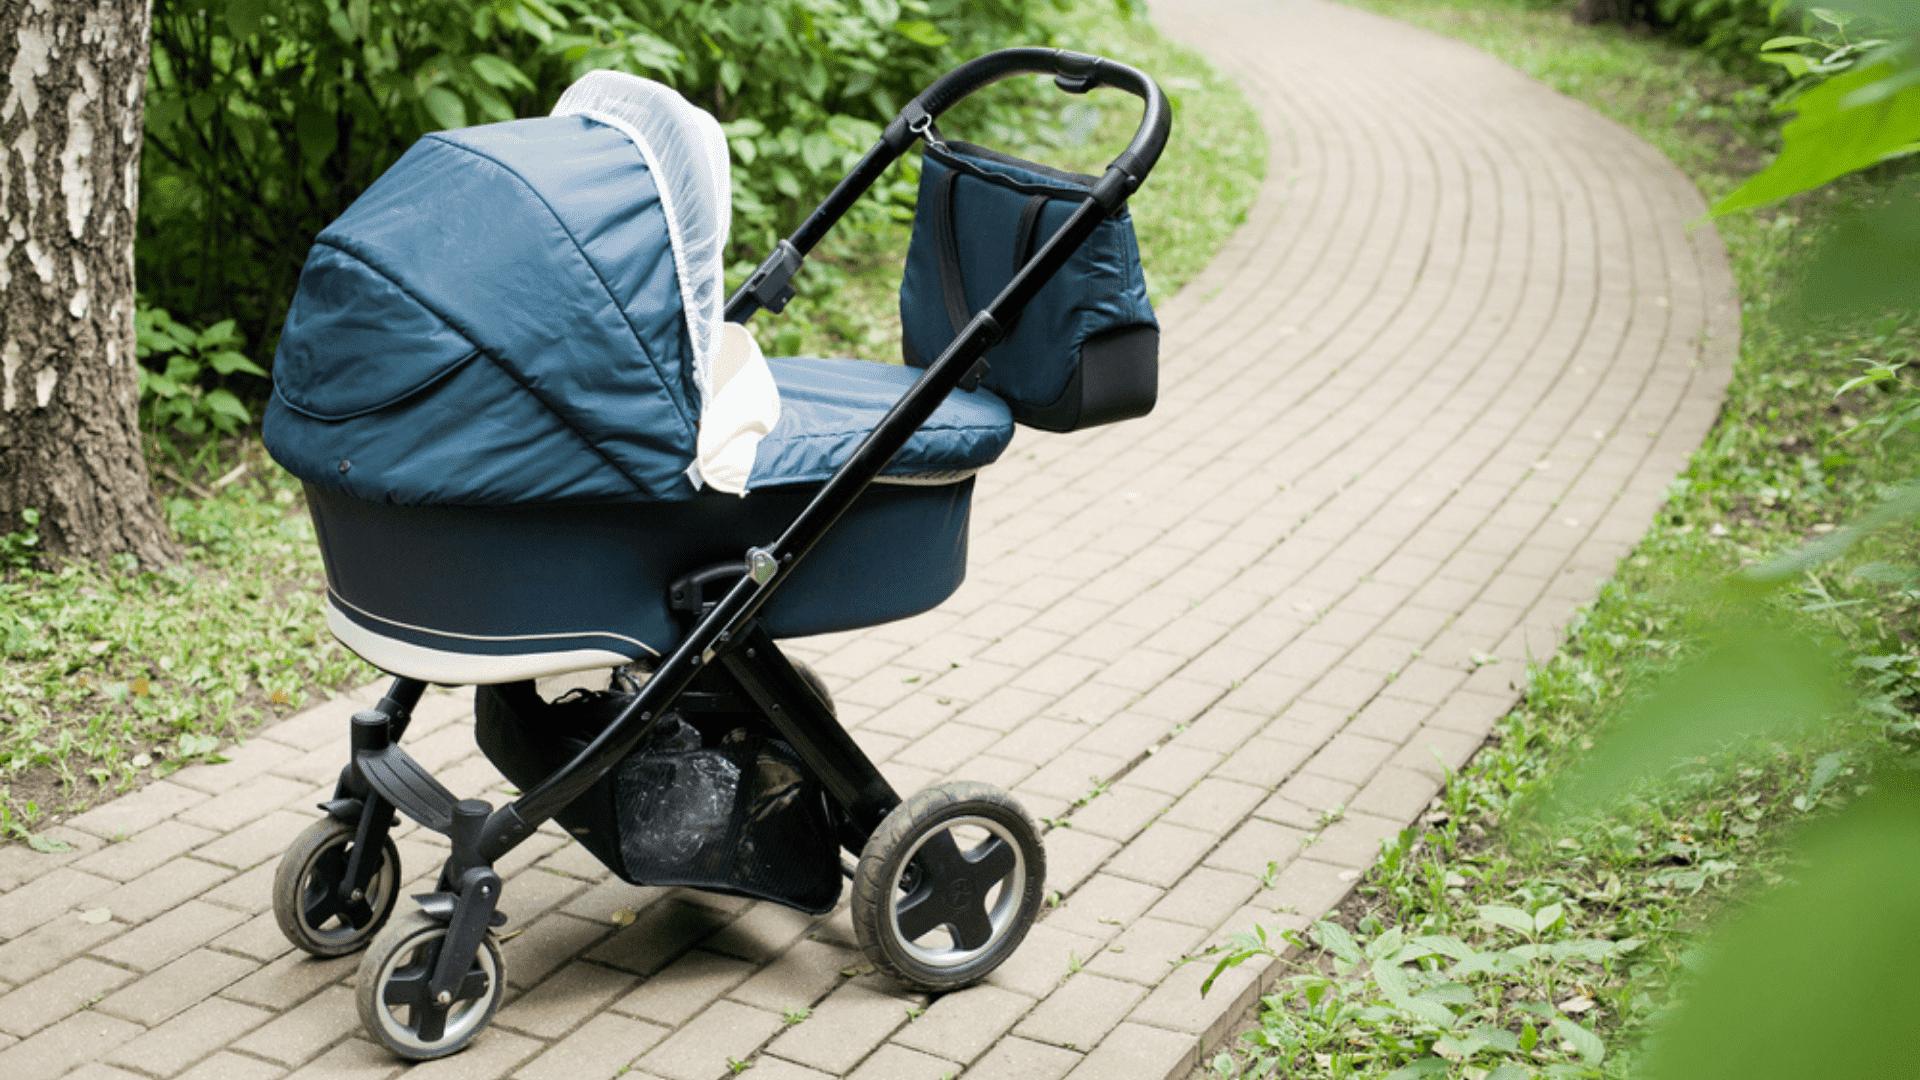 O carrinho de bebê reversível é uma ótima opção para recém-nascidos (Imagem: Reprodução/Shutterstock)